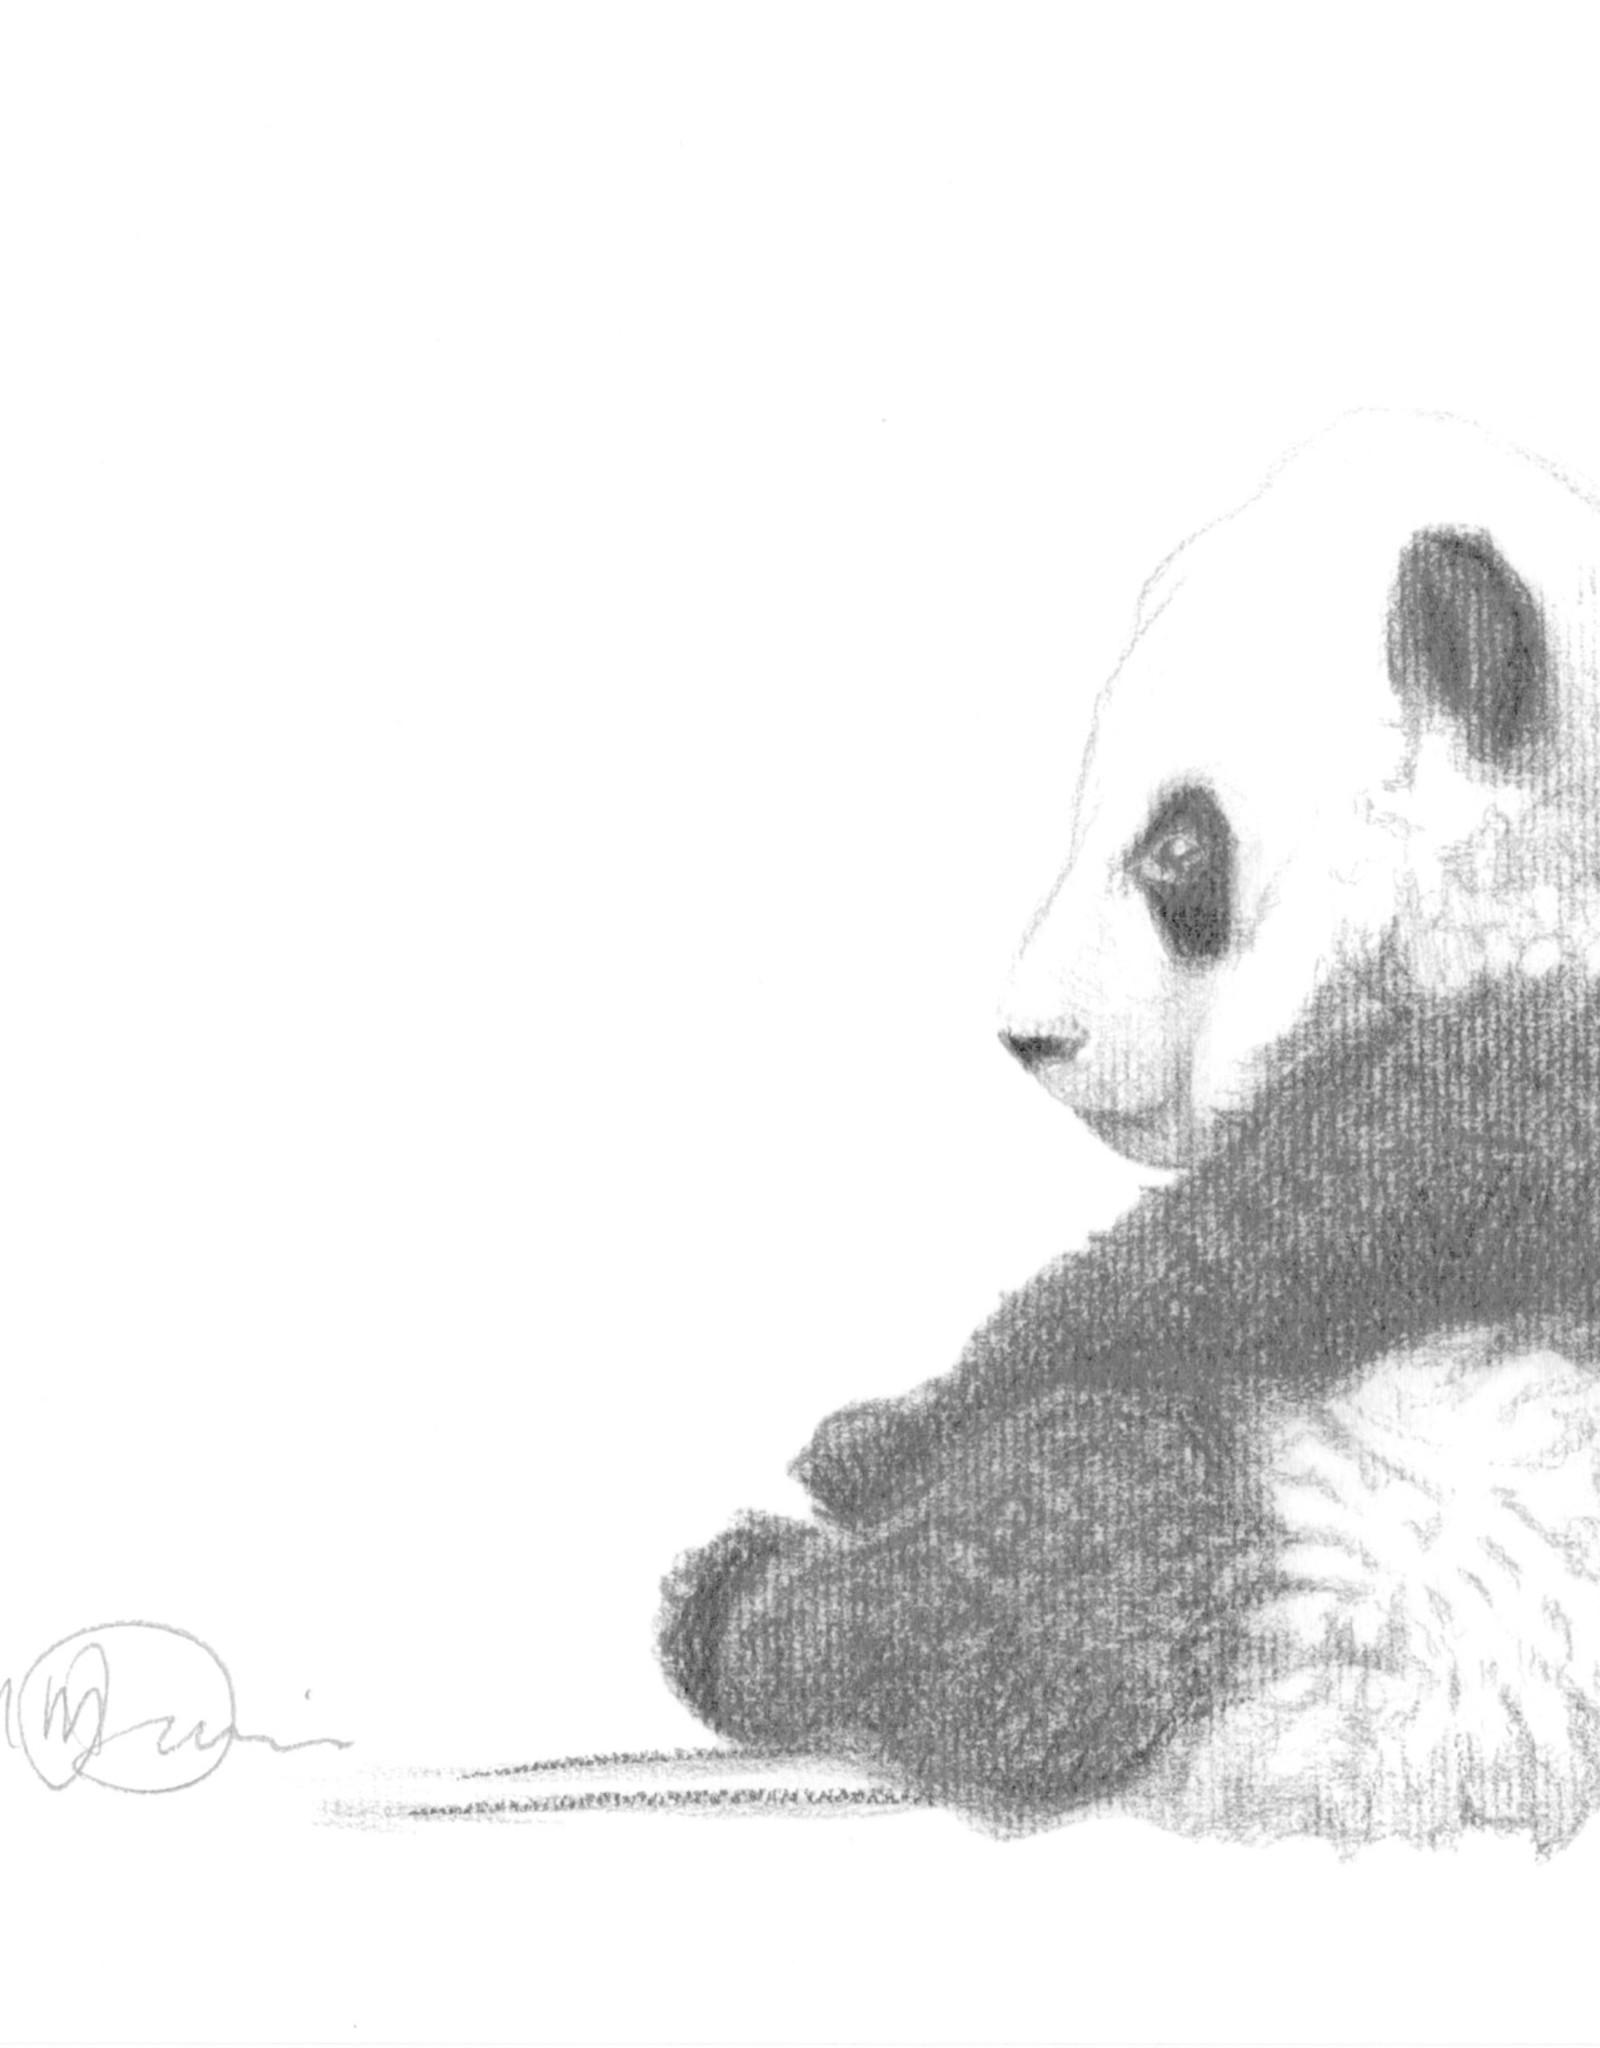 Le Nid atelier Illustration 8x10 - Bébé panda assis